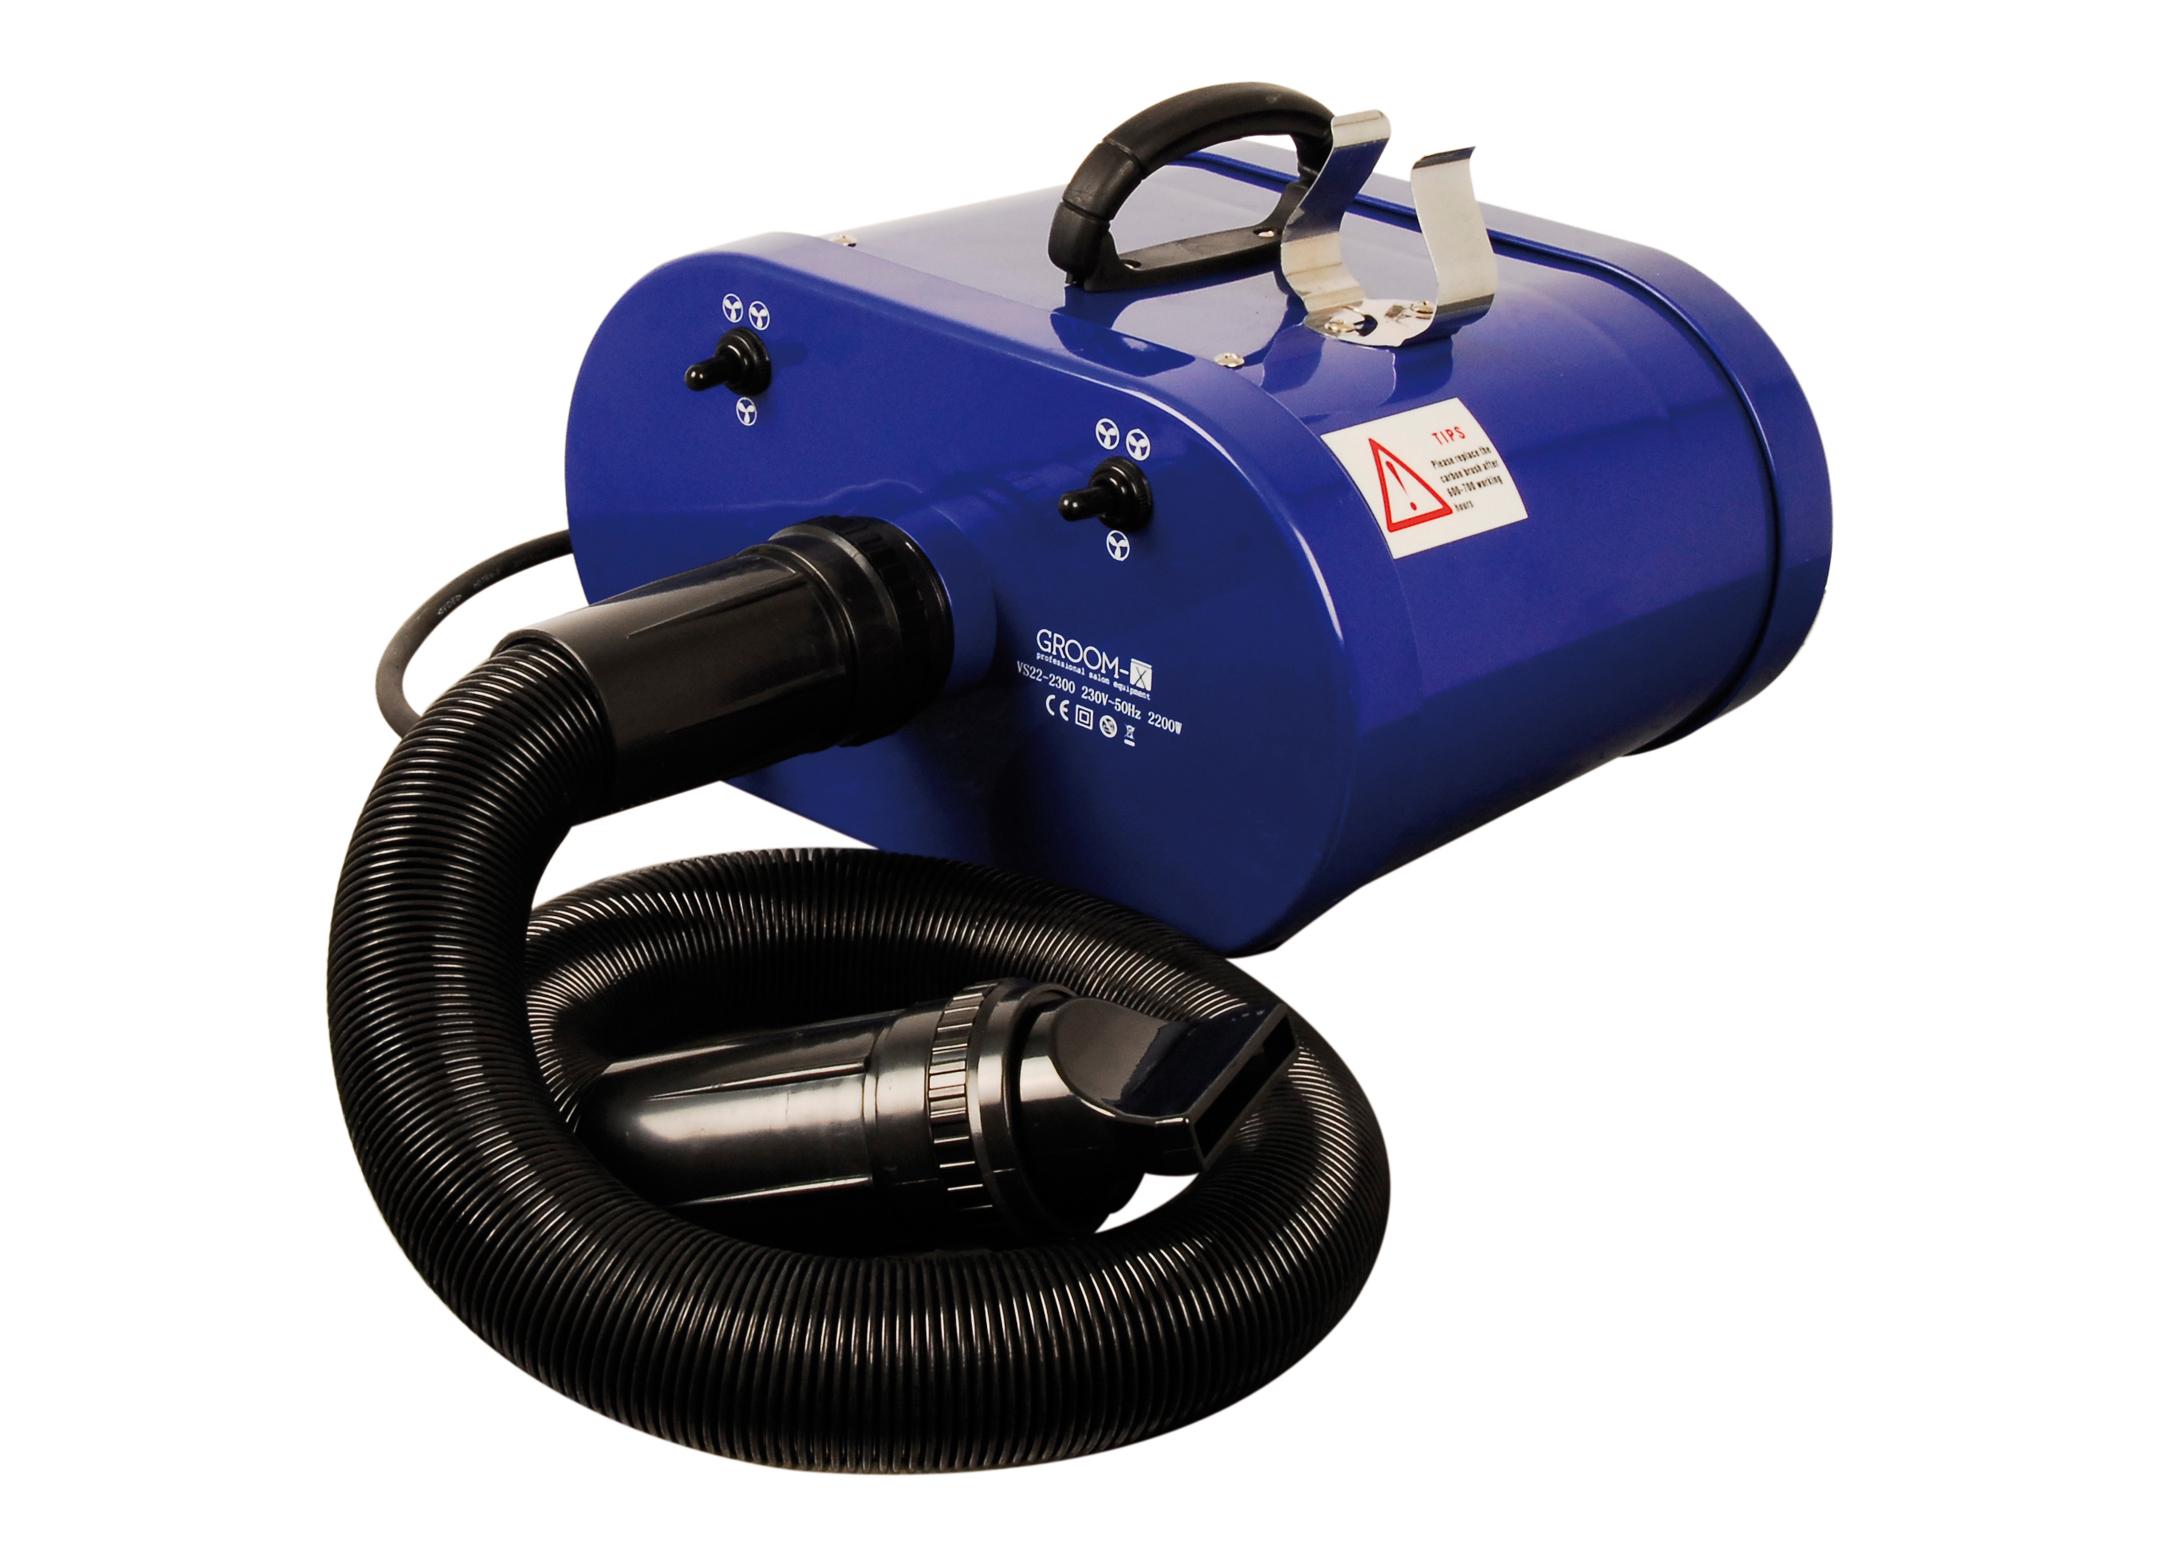 Groom-X Twister Blauw Haardroger